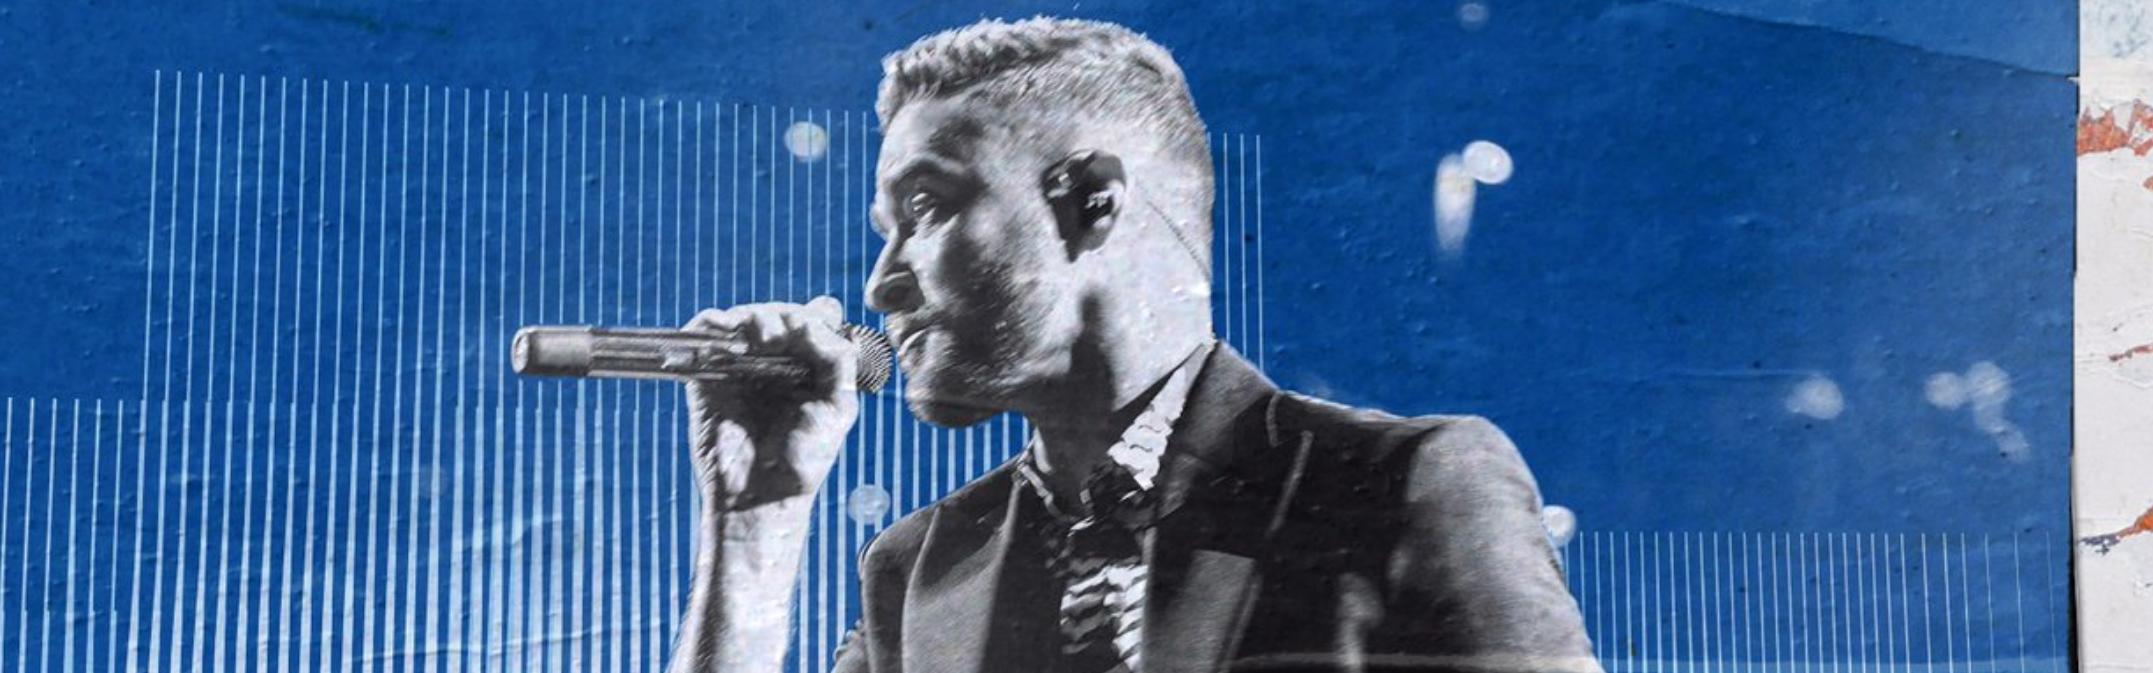 Timberlake lang